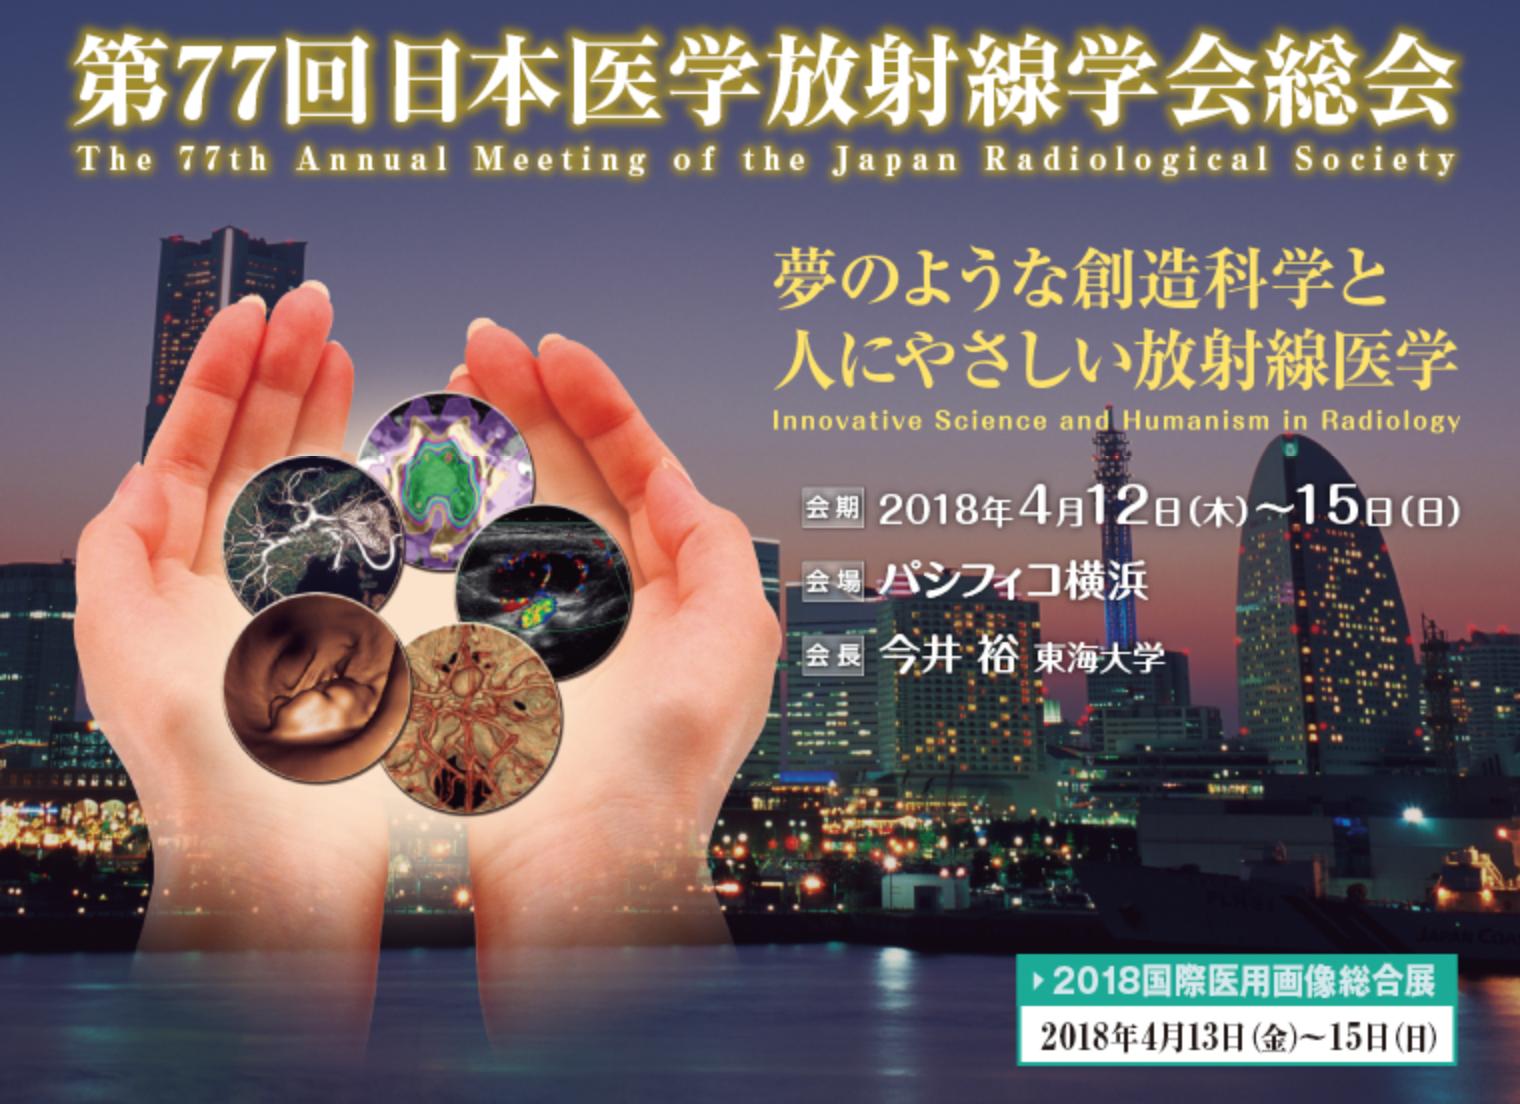 日本放射線学会に演題登録しました。